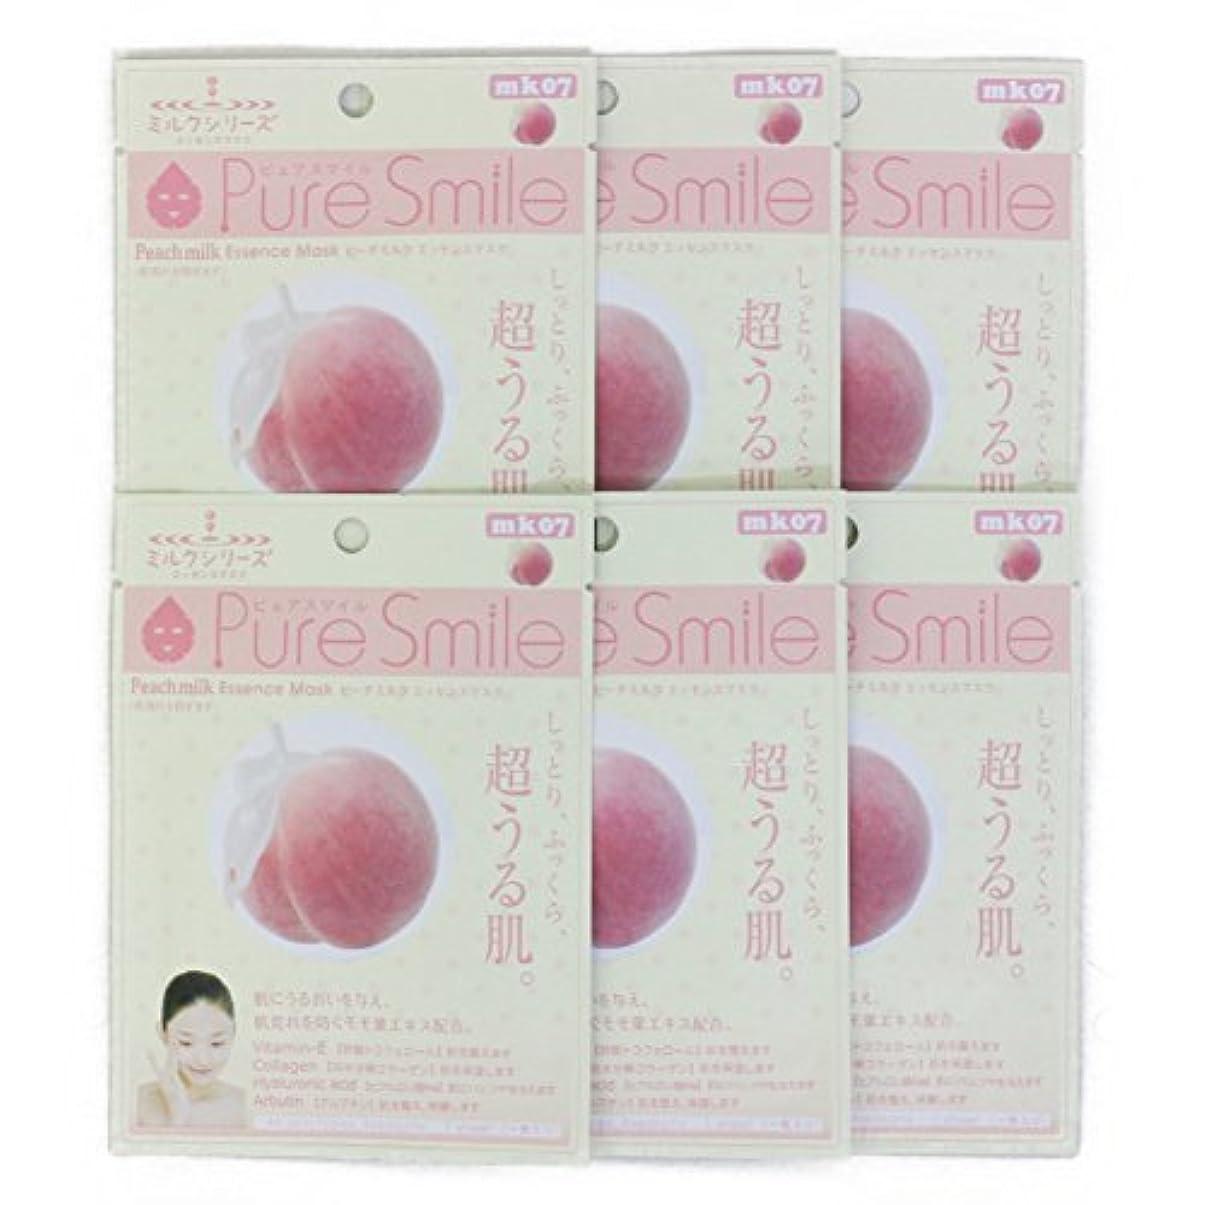 折ゲーム一瞬Pure Smile ピュアスマイル ミルクエッセンスマスク ピーチミルク 6枚セット